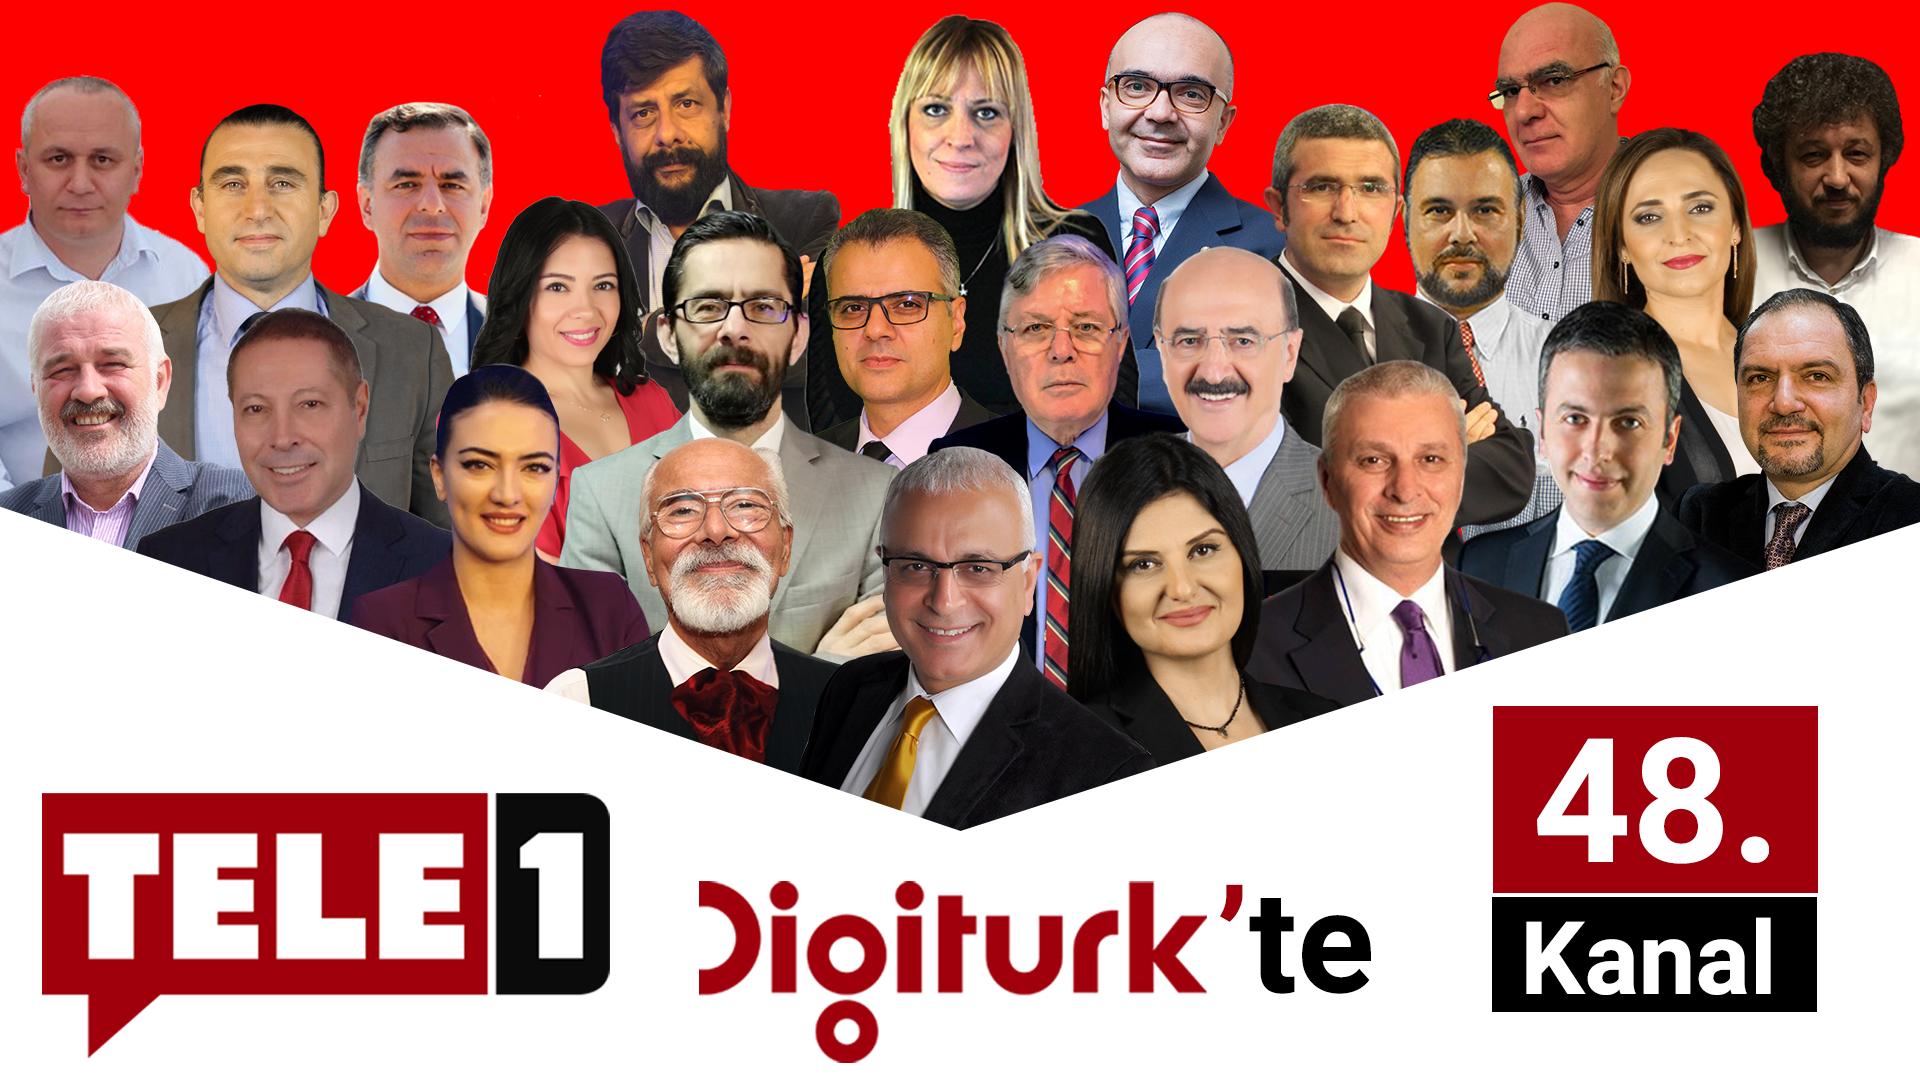 TELE1 bu akşam 24:00'dan itibaren Digiturk 48. kanalda